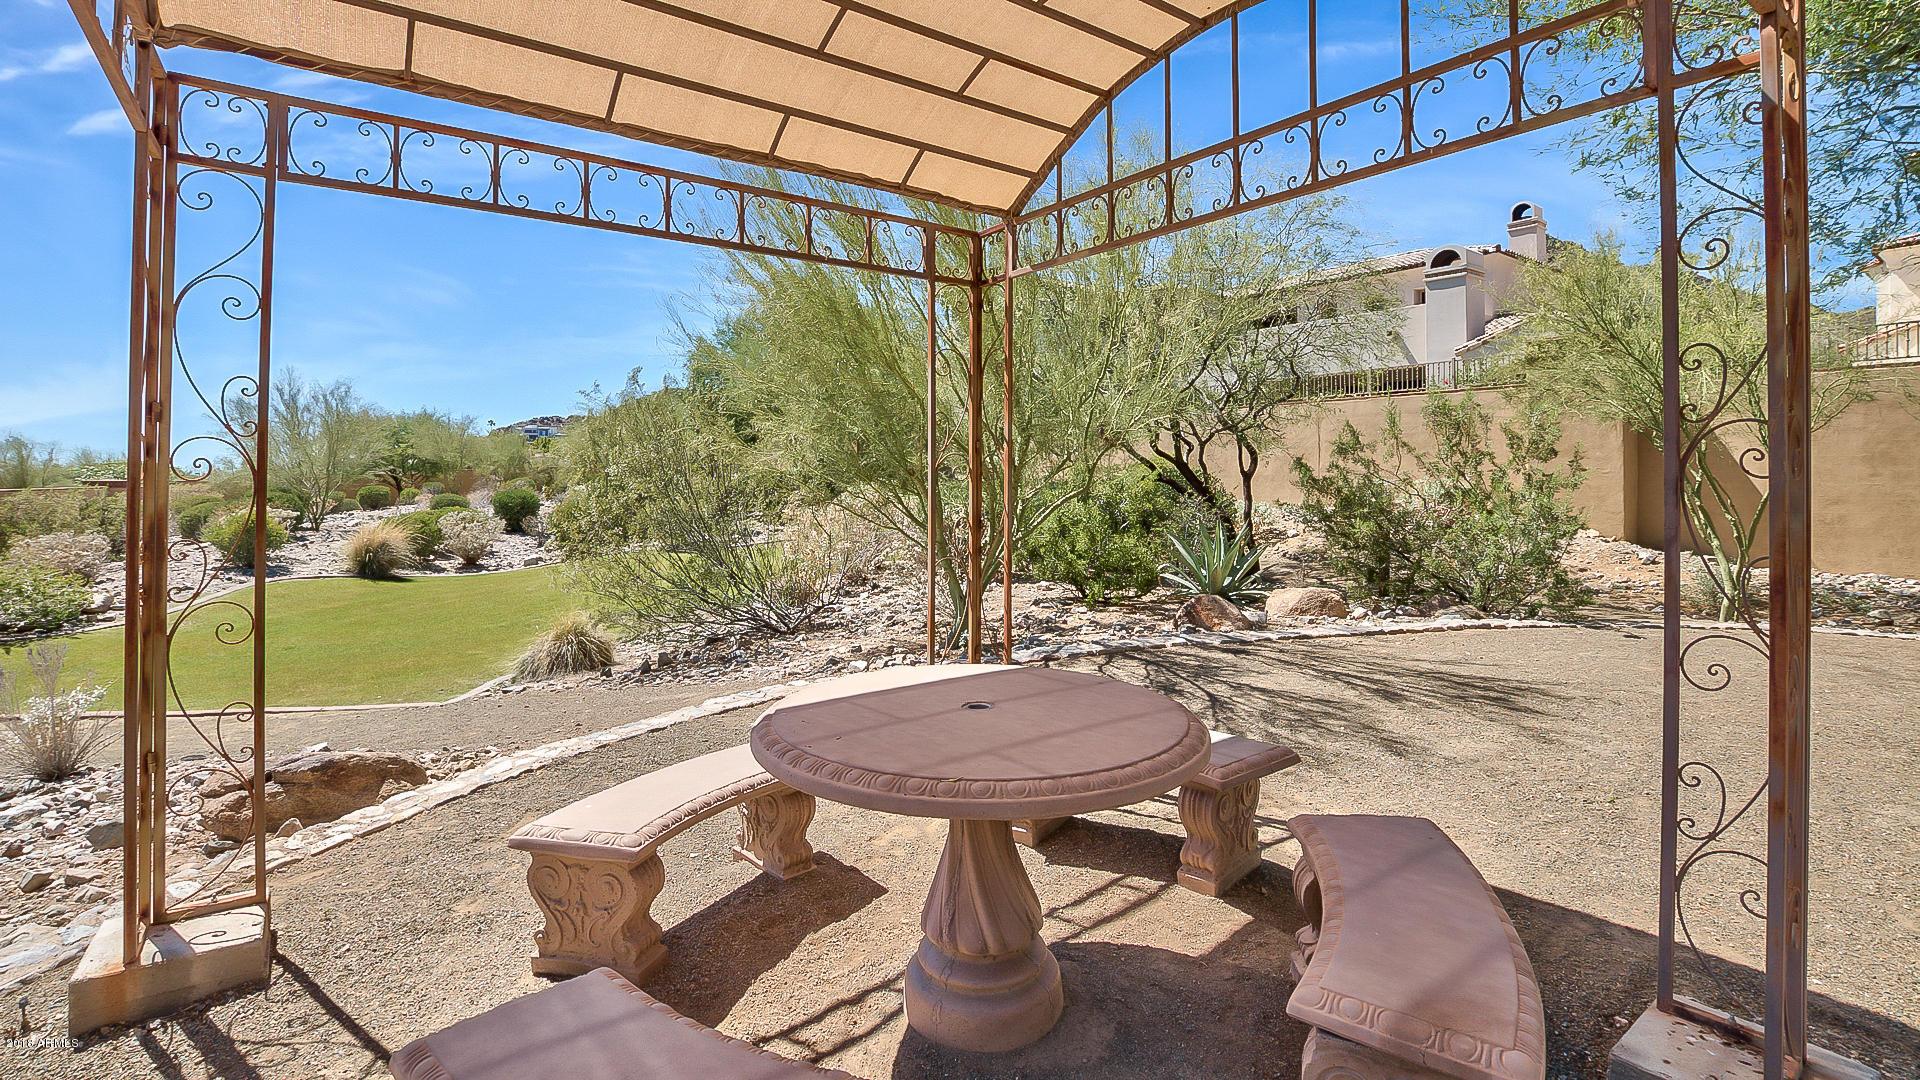 MLS 5765940 6550 N 39TH Way, Paradise Valley, AZ 85253 Paradise Valley AZ The Village At Paradise Reserve